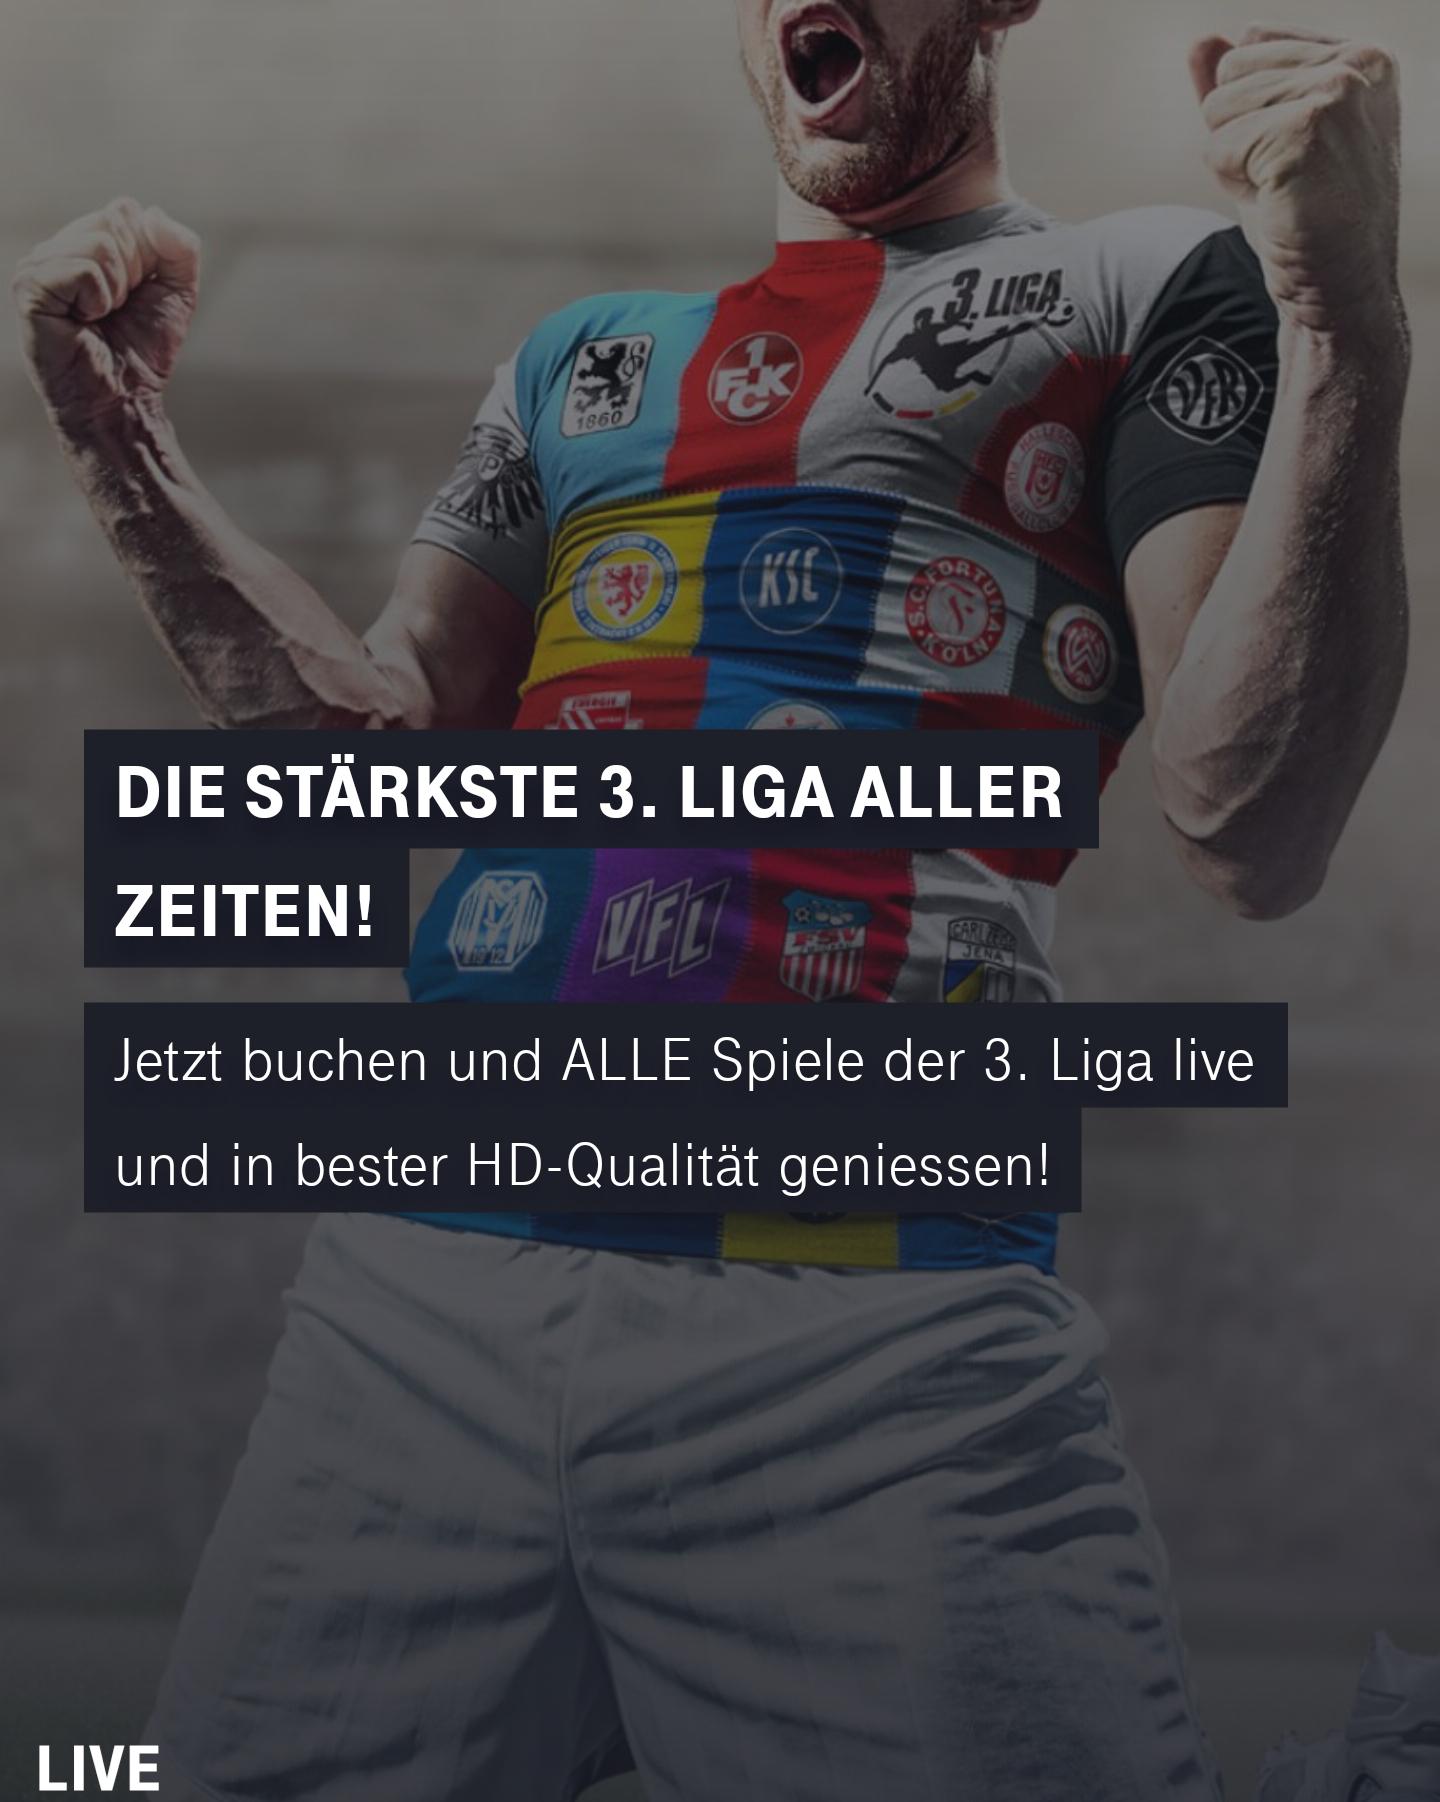 [Telekom Kunden] 3. Bundesliga live 1 Jahr kostenlos